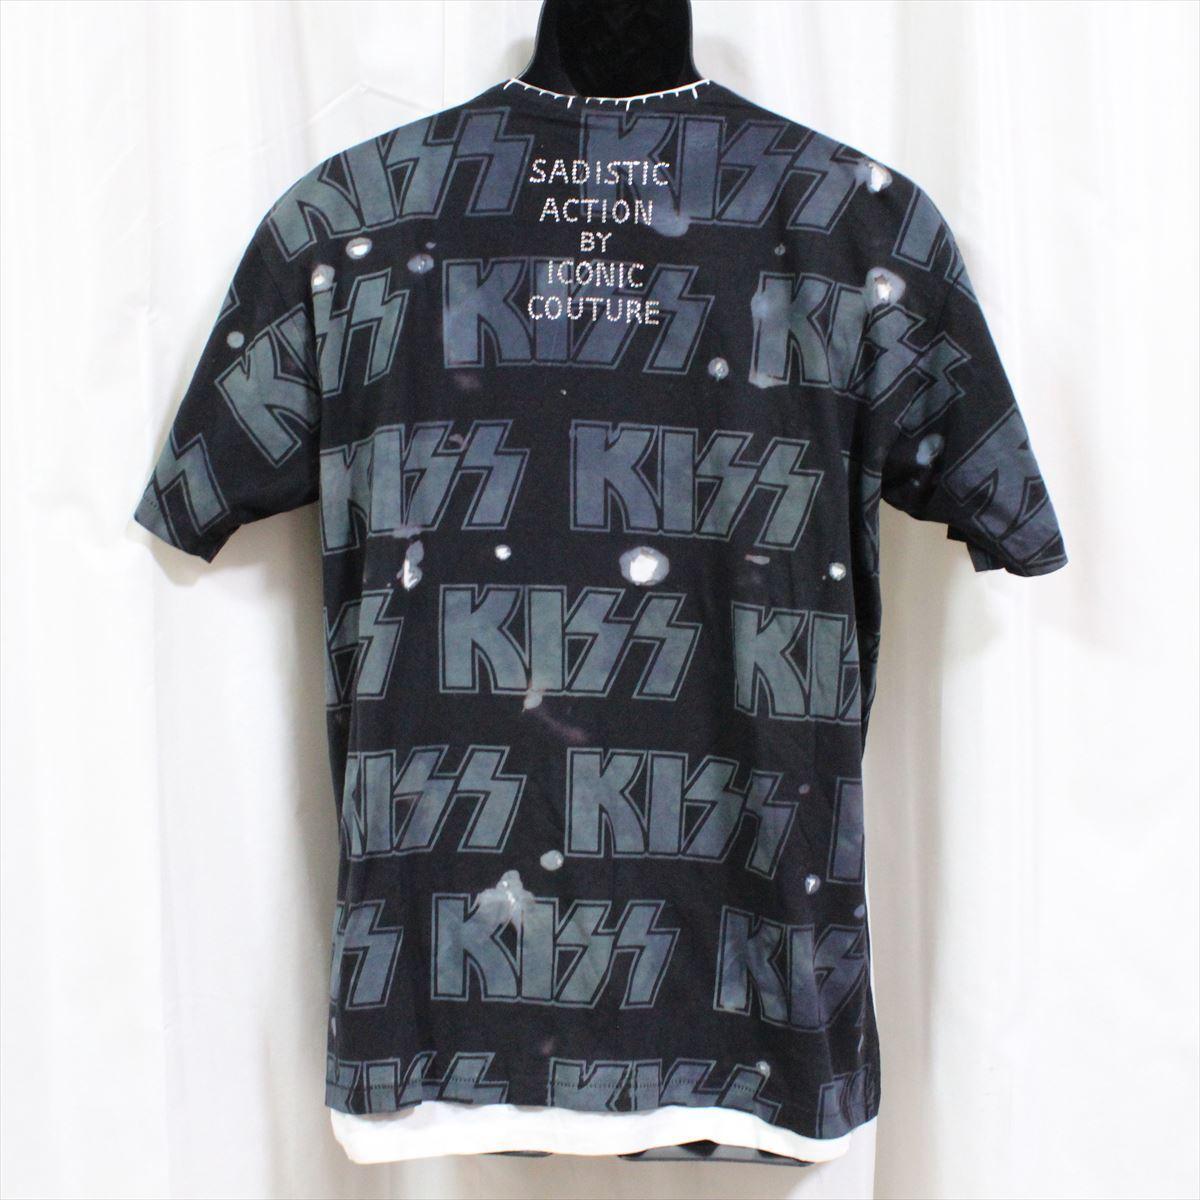 サディスティックアクション SADISTIC ACTION アイコニック メンズ半袖Tシャツ KISS Sサイズ ICONIC COUTURE 新品_画像4